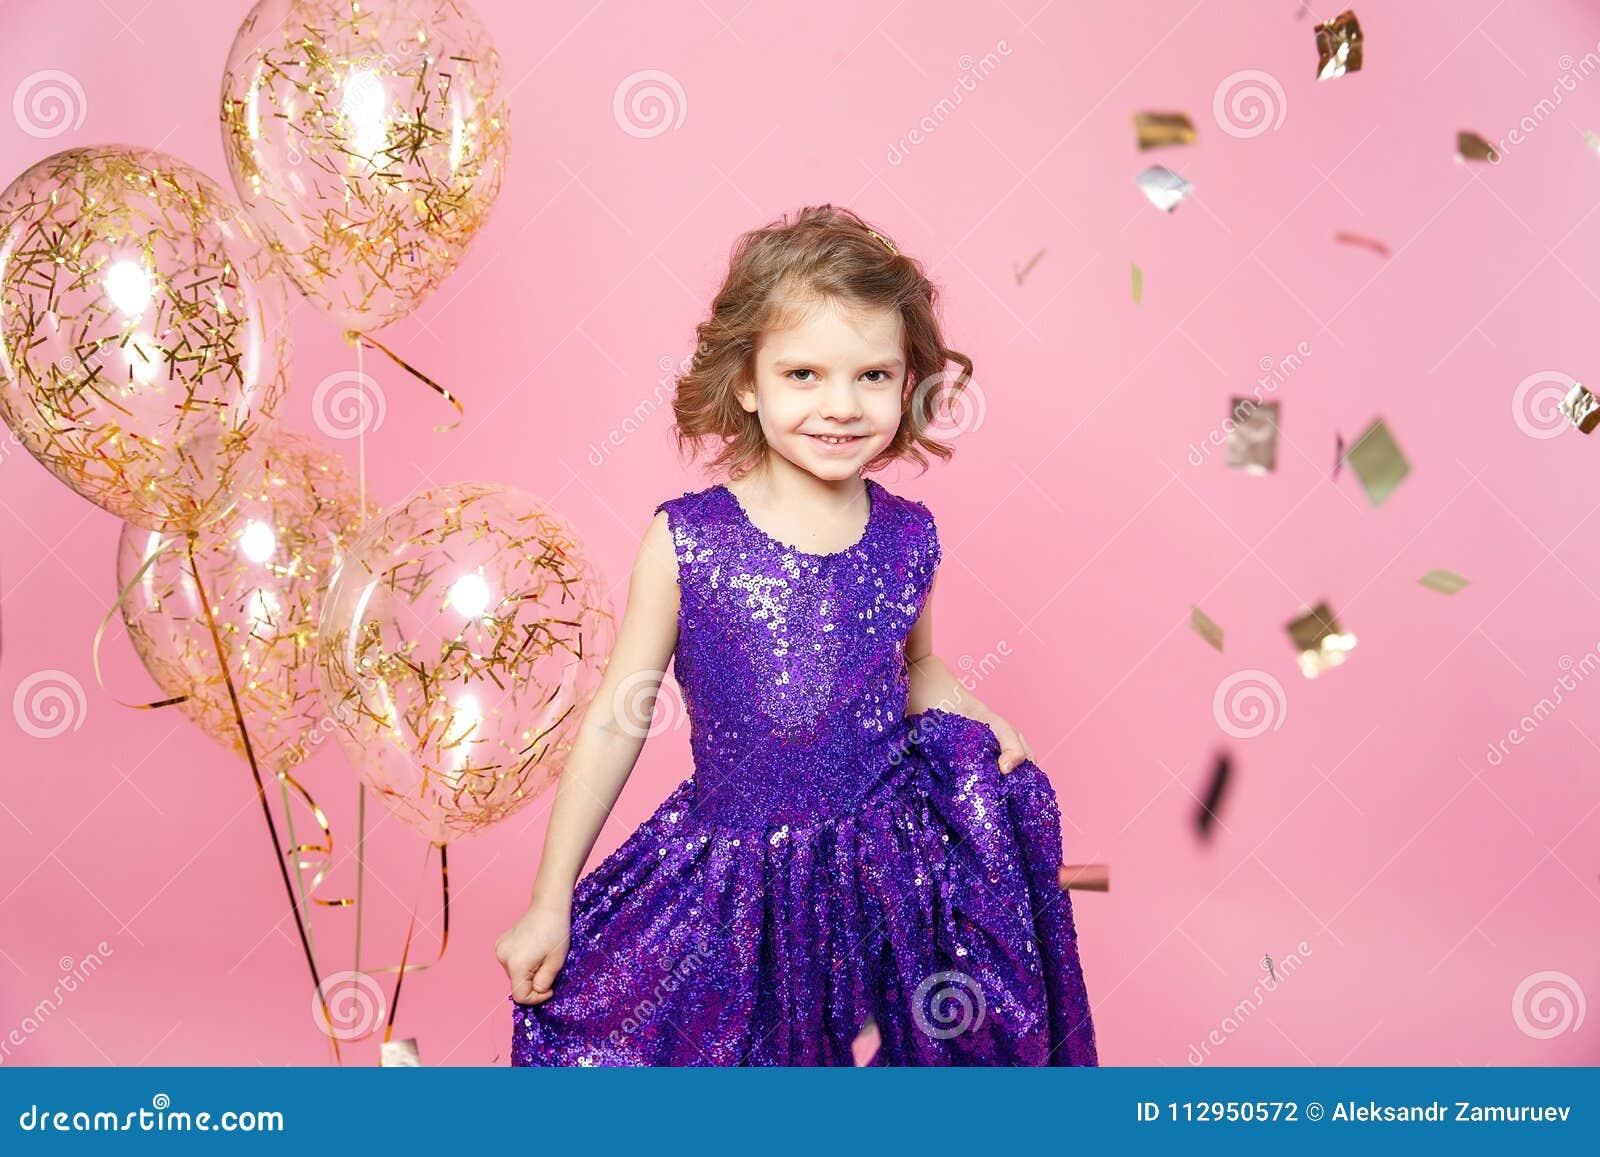 Εορταστικό μικρό κορίτσι με τα μπαλόνια